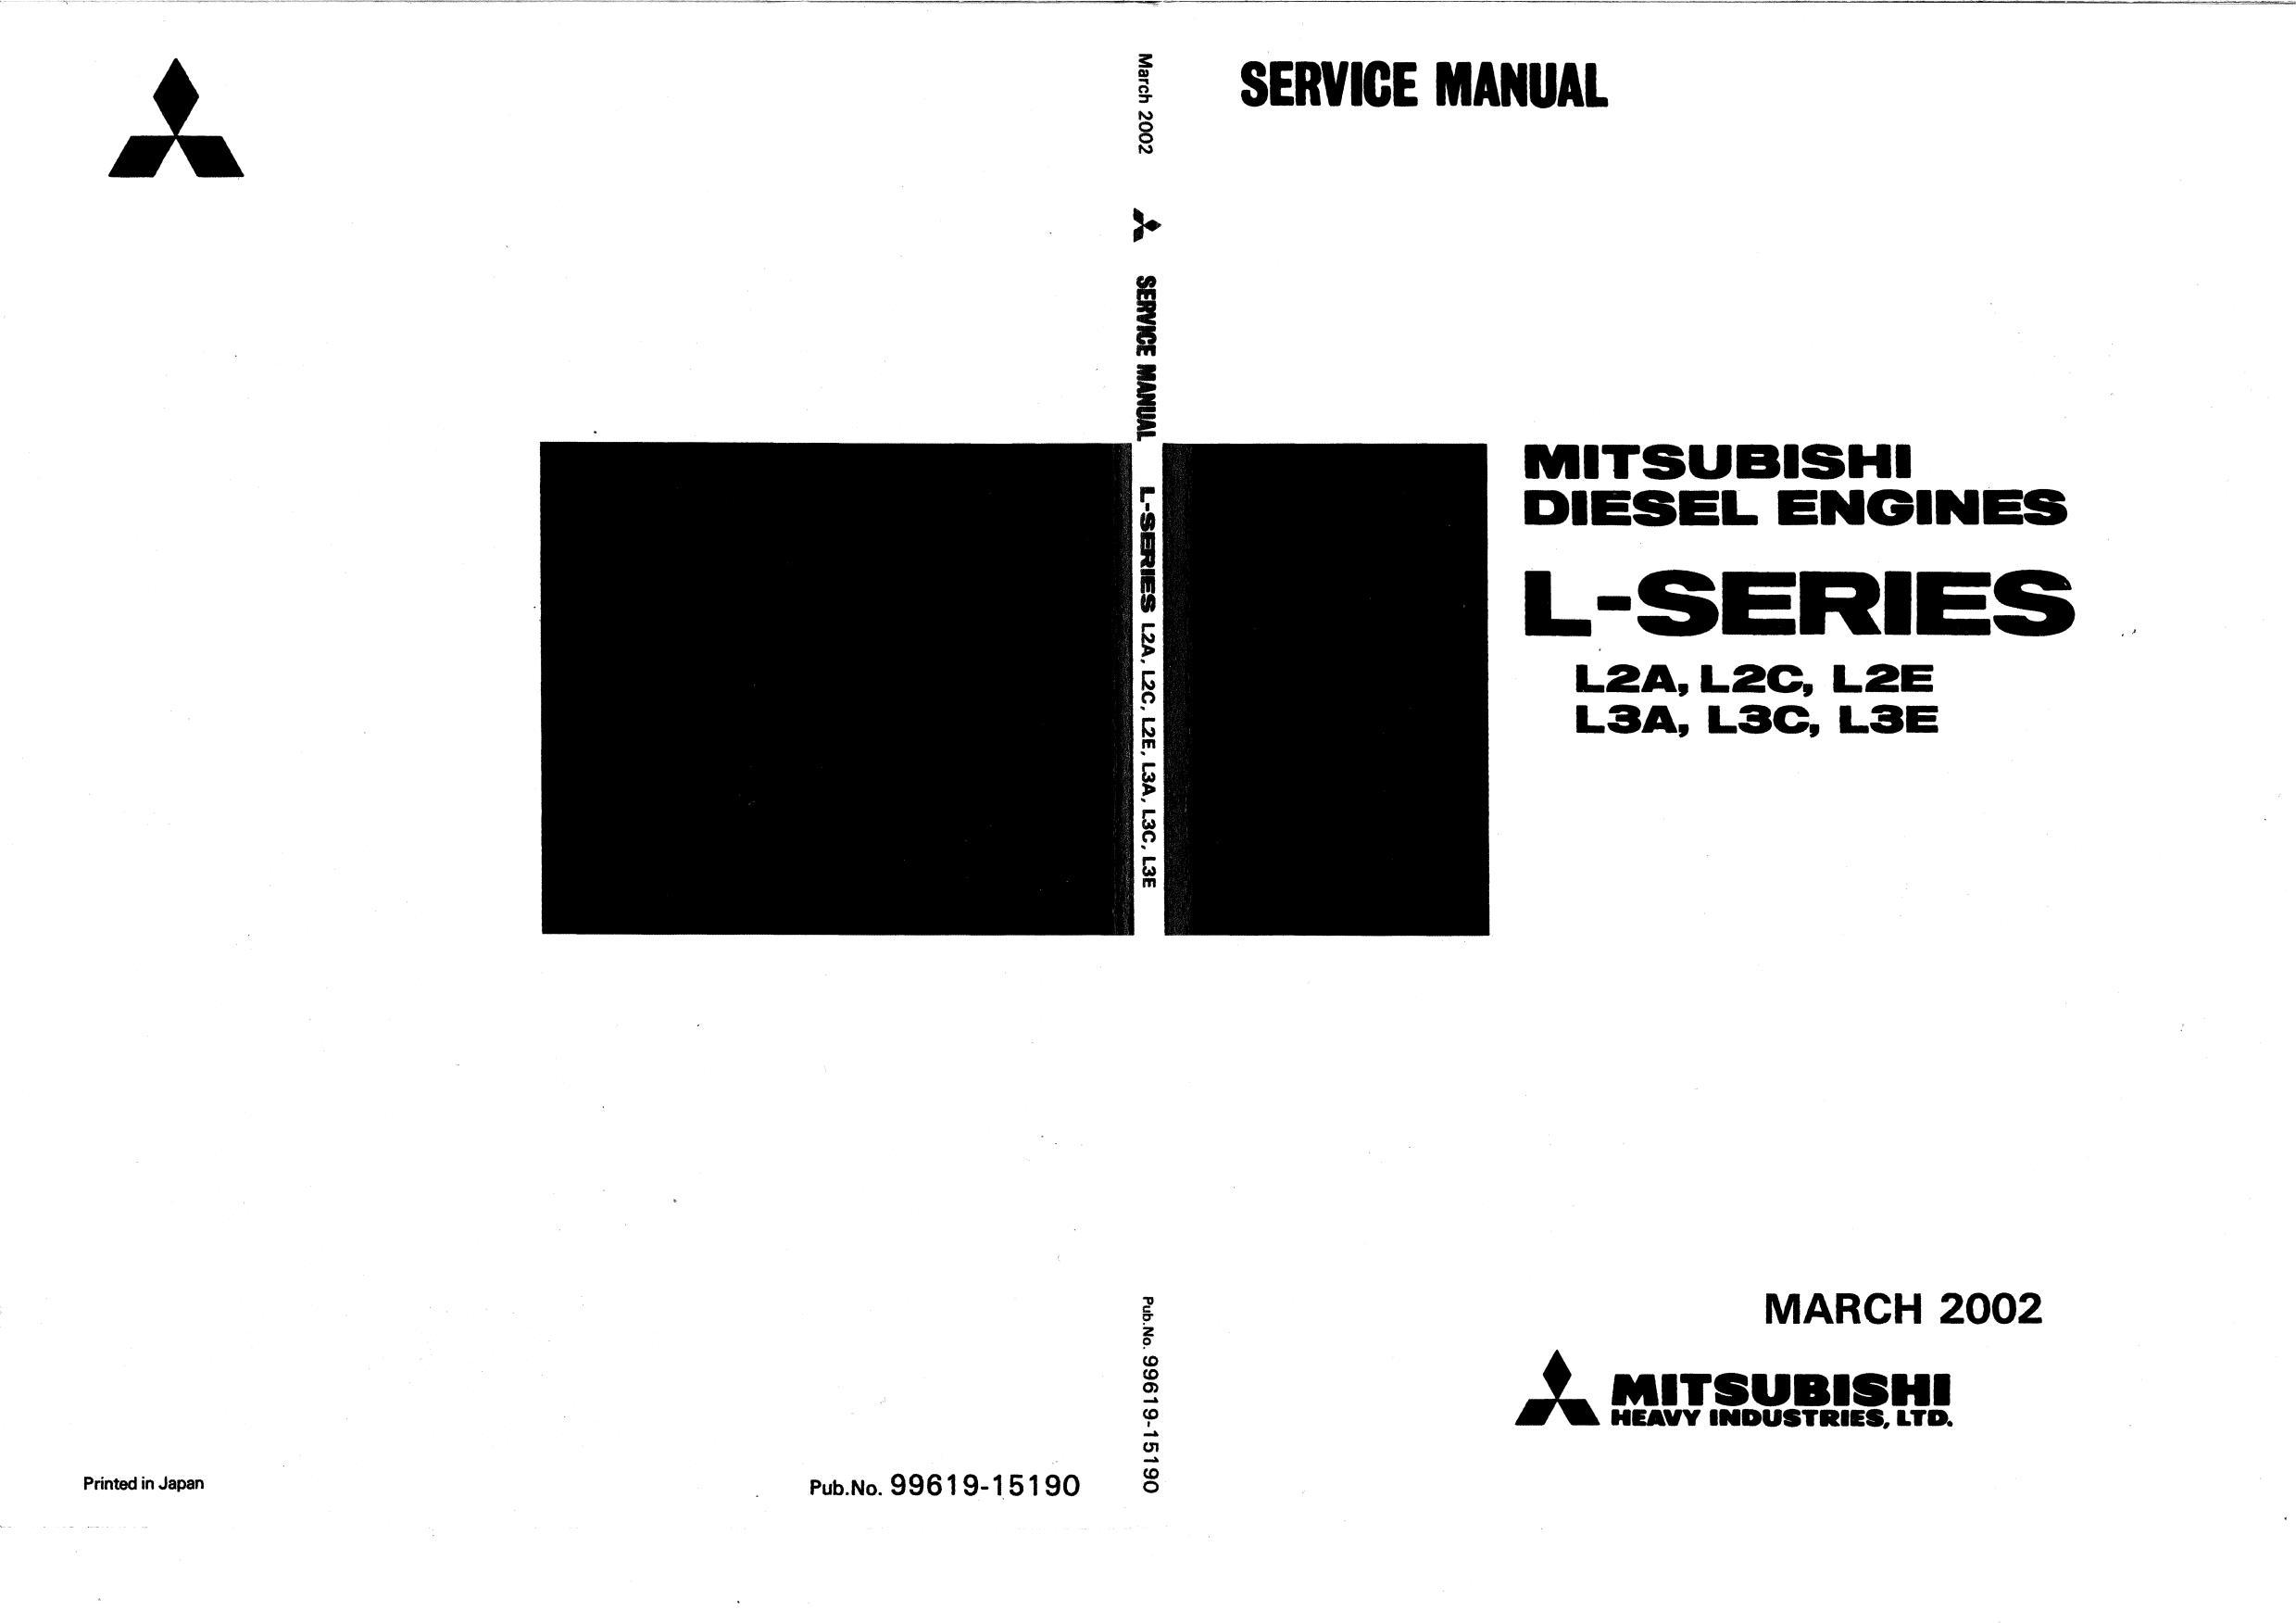 Ремонт и эксплуатация MITSUBISHI L-SERIES